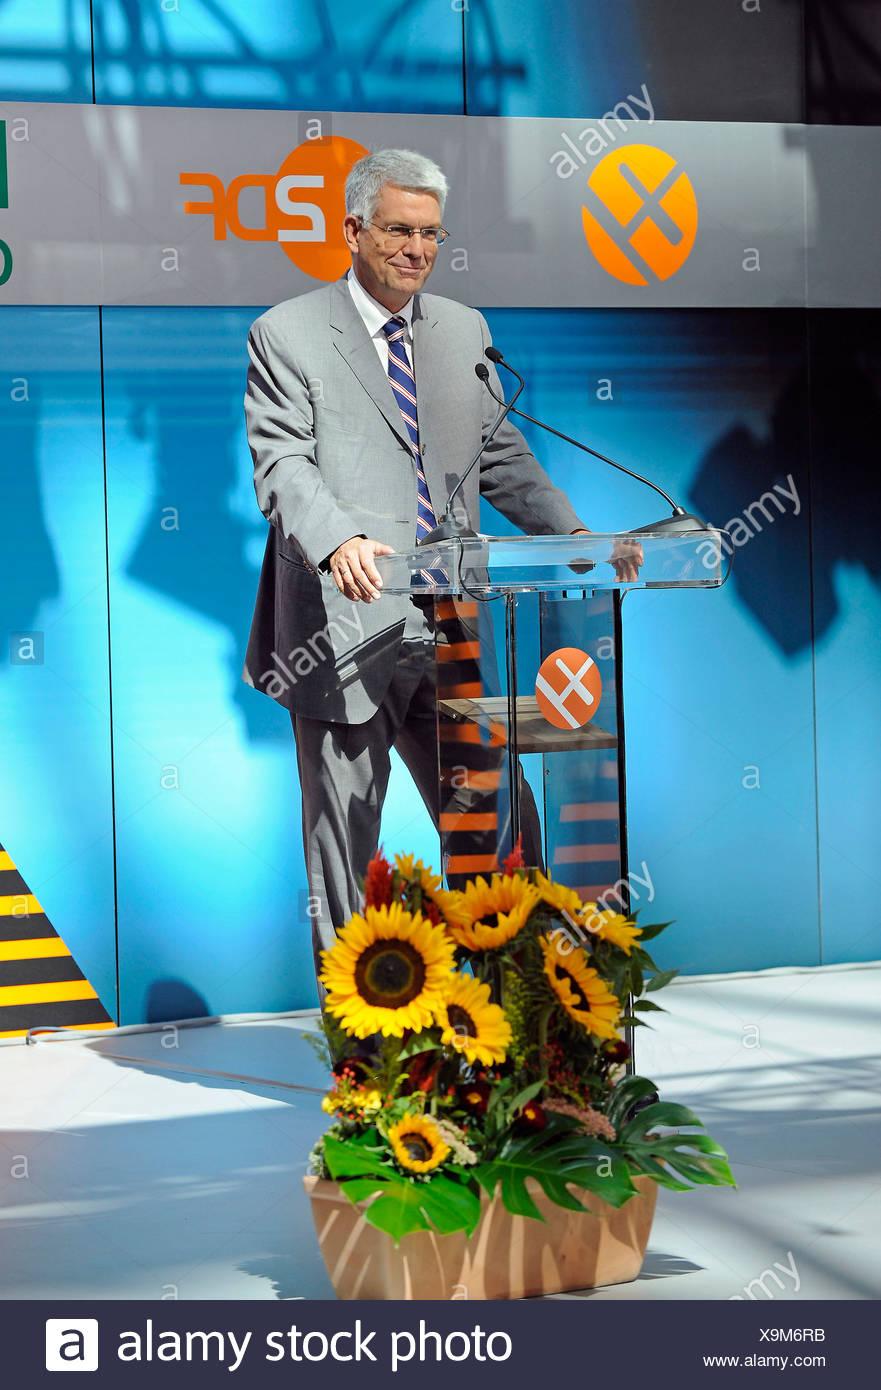 ZDF-Programmdirektor Dr. Thomas Bellut im Rahmen der Preisverleihung des XY-Preises an die Gewinner des Jahres 2009 aus dem Programm Aktenzeic Stockbild